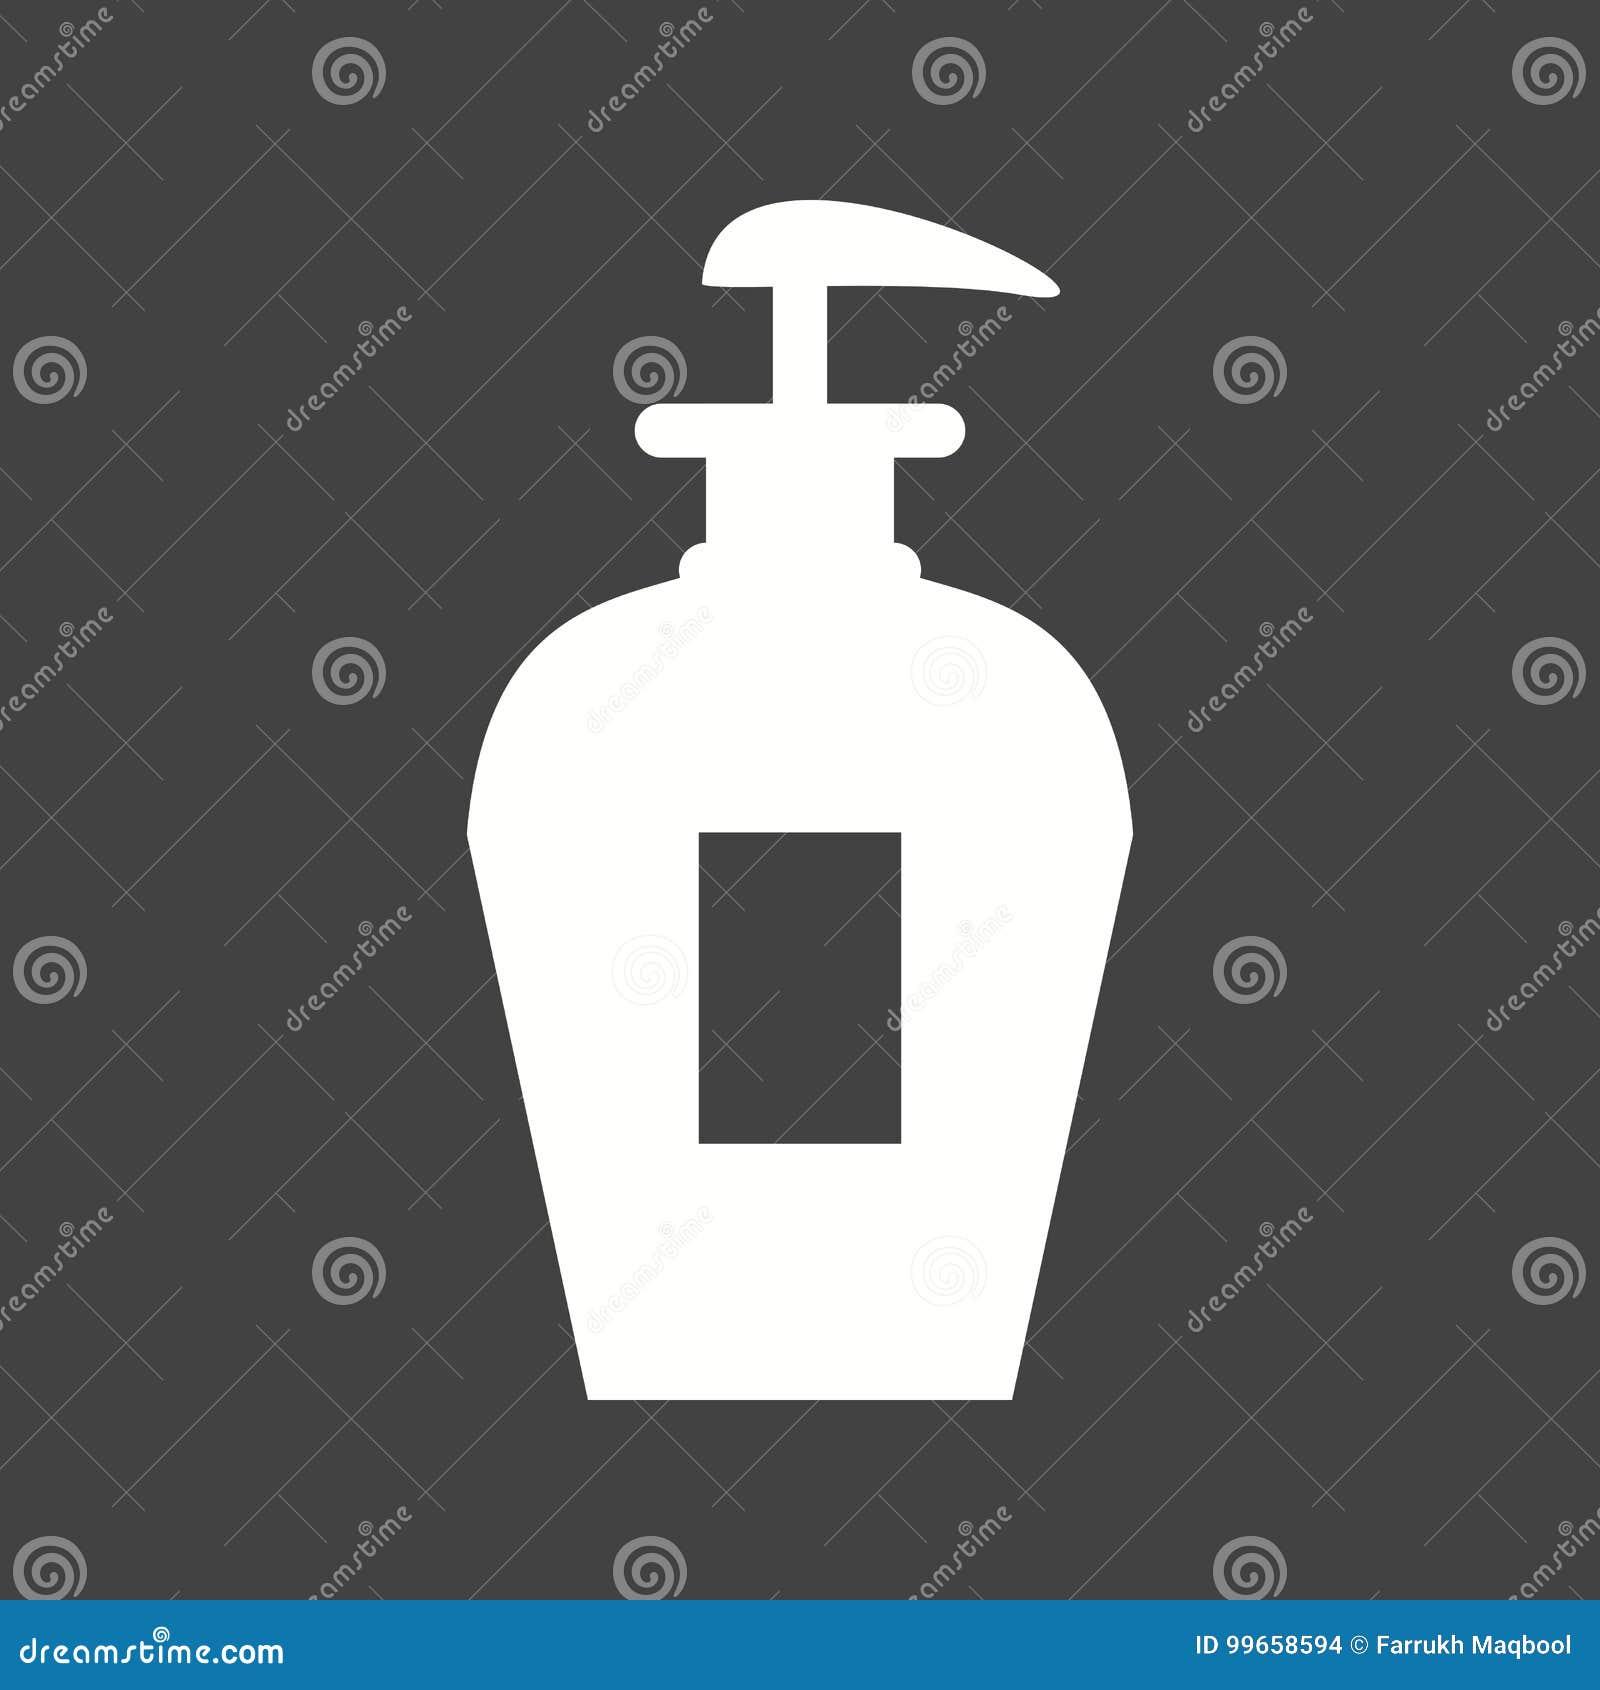 Handwash Soap